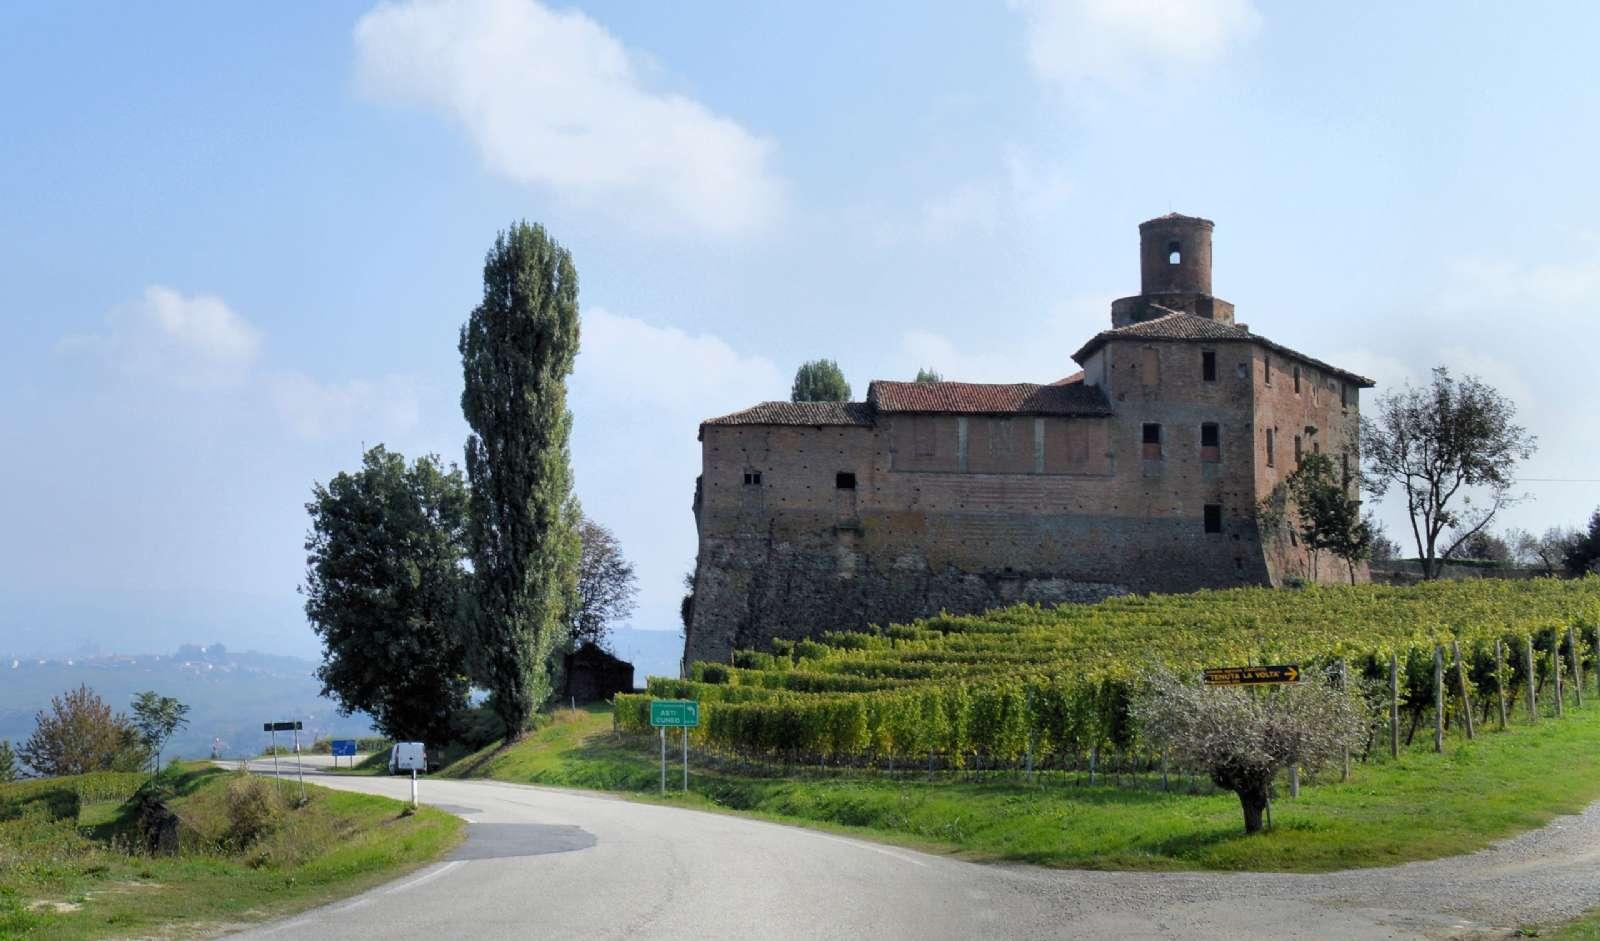 Vackra byggnader mitt i vinlandskapet